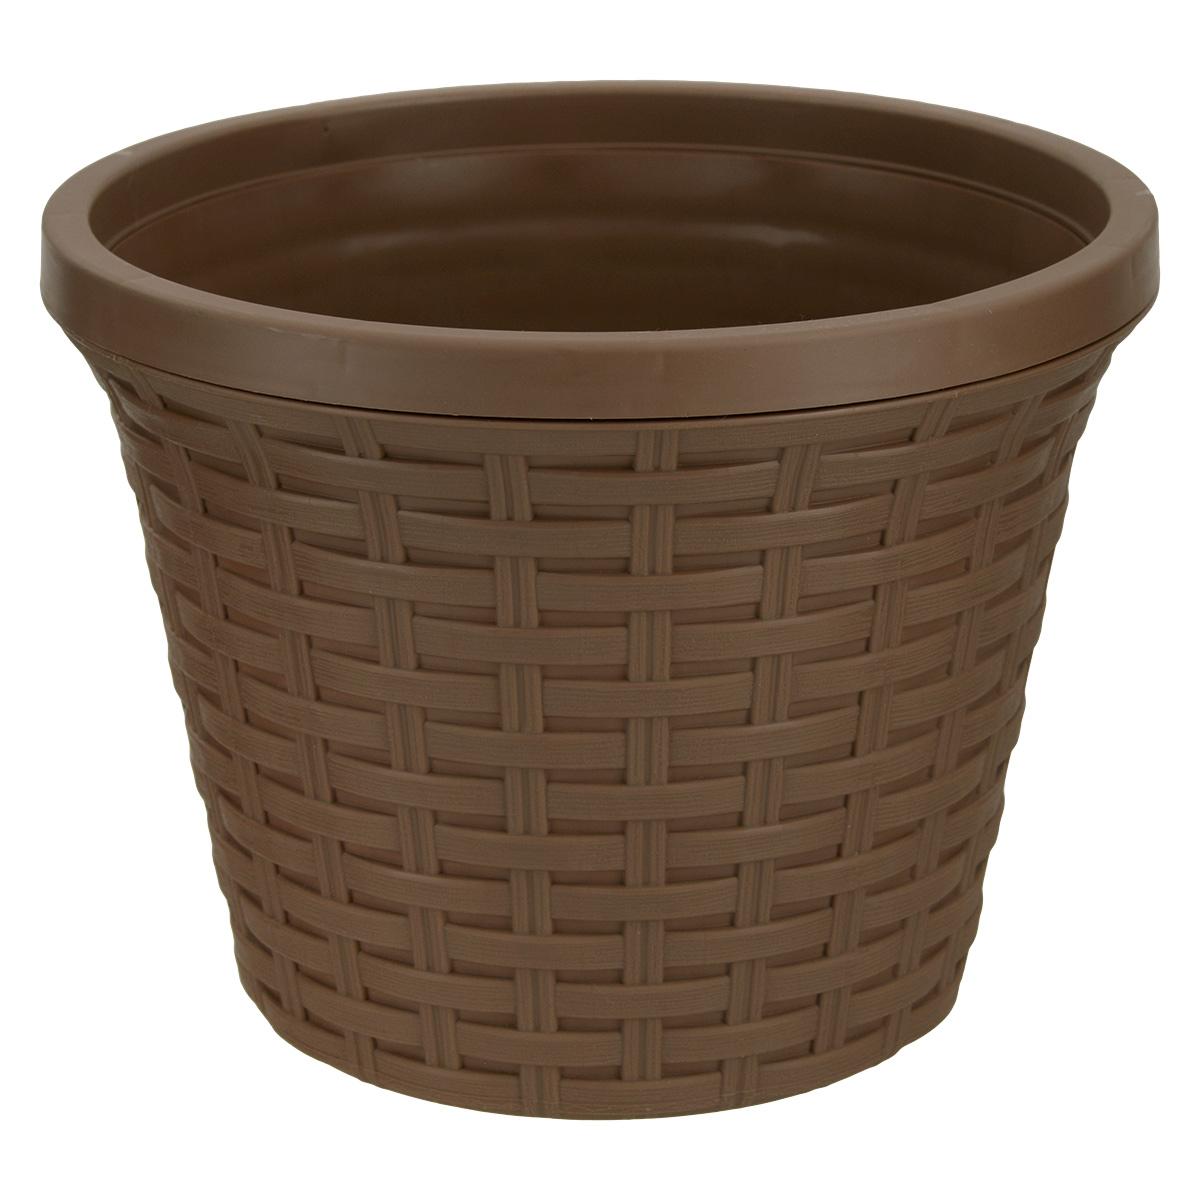 Кашпо круглое Violet Ротанг, с дренажной системой, цвет: какао, 4,8 л32480/17Круглое кашпо Violet Ротанг изготовлено из высококачественного пластика и оснащено дренажной системой для быстрого отведения избытка воды при поливе. Изделие прекрасно подходит для выращивания растений и цветов в домашних условиях. Лаконичный дизайн впишется в интерьер любого помещения. Объем: 4,8 л.